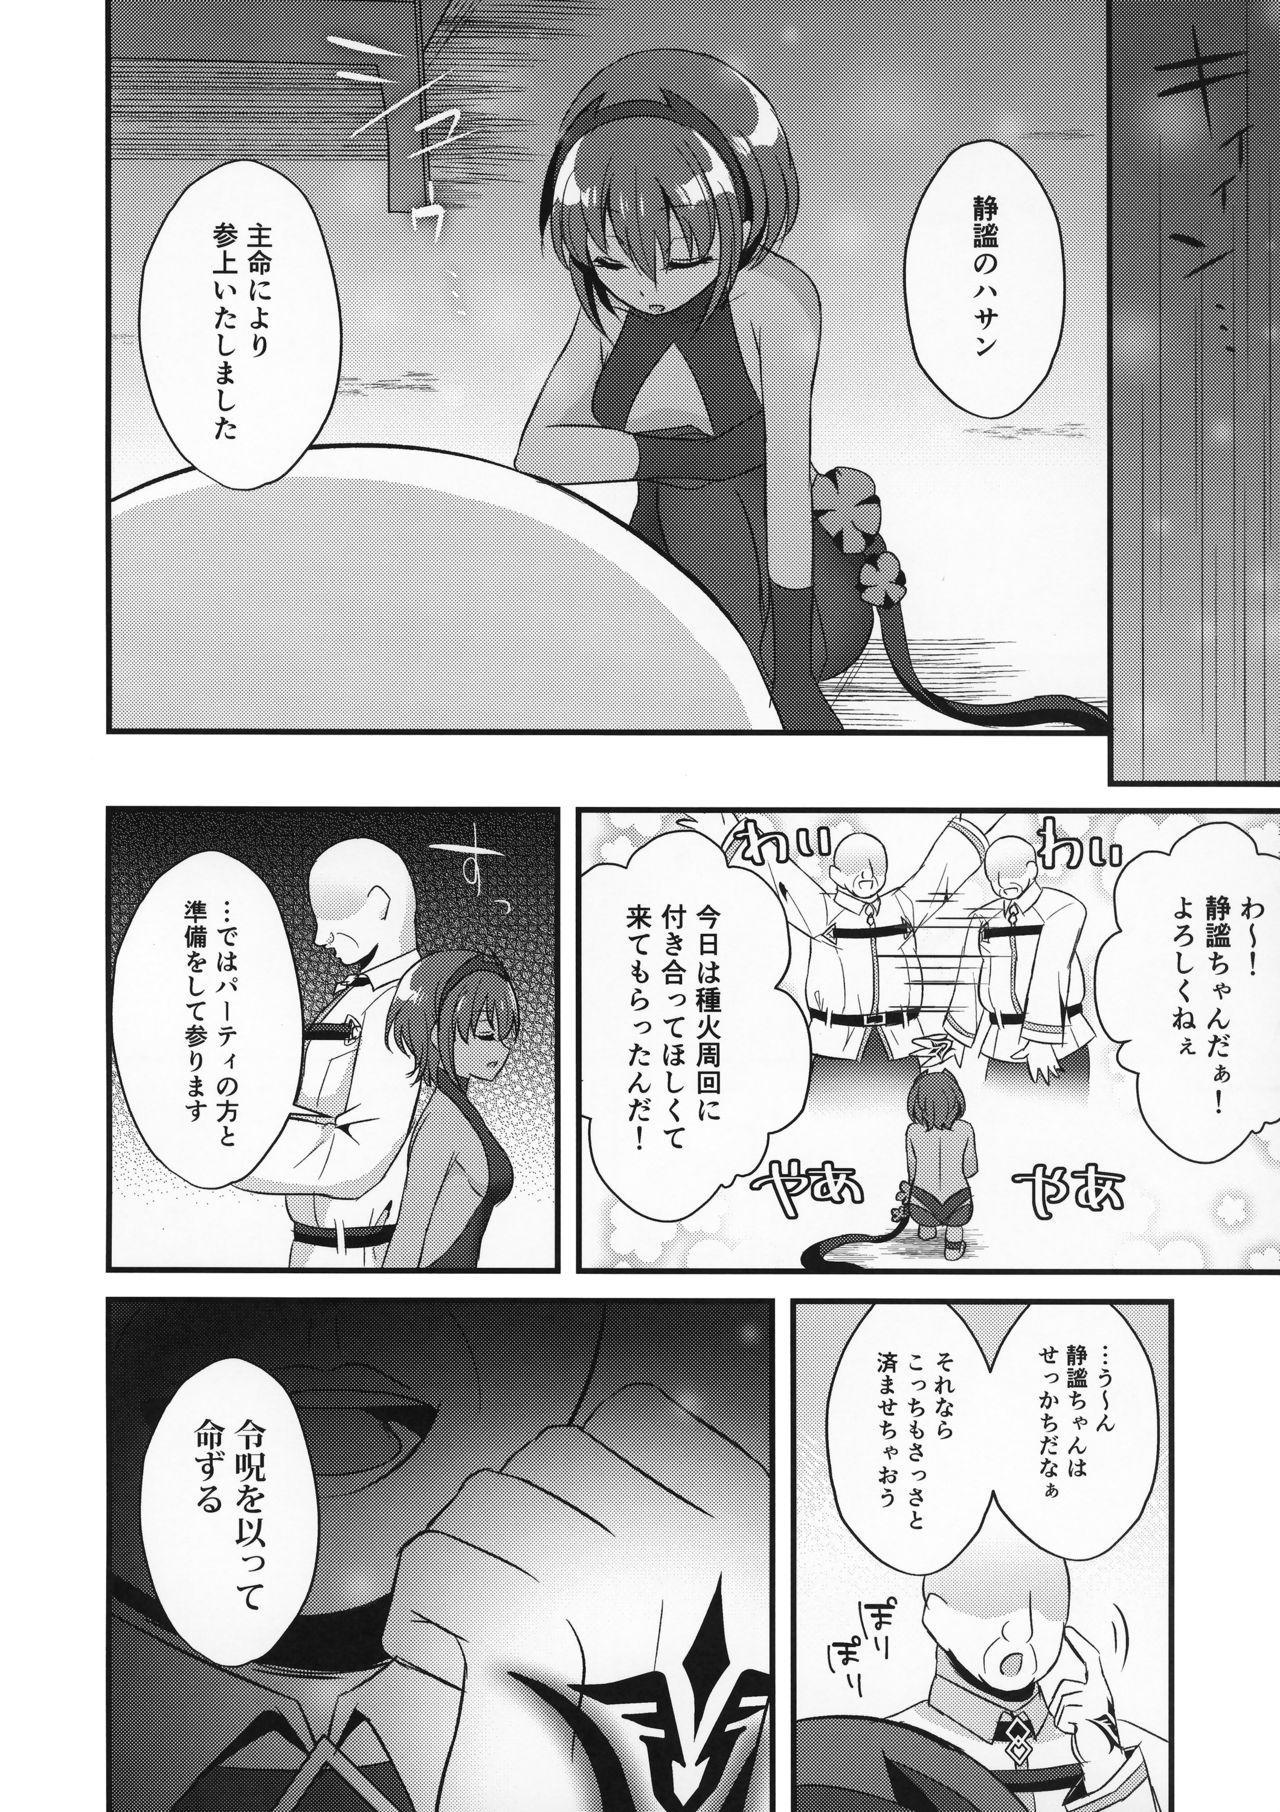 NTR ni Saku Doku no Hana 4